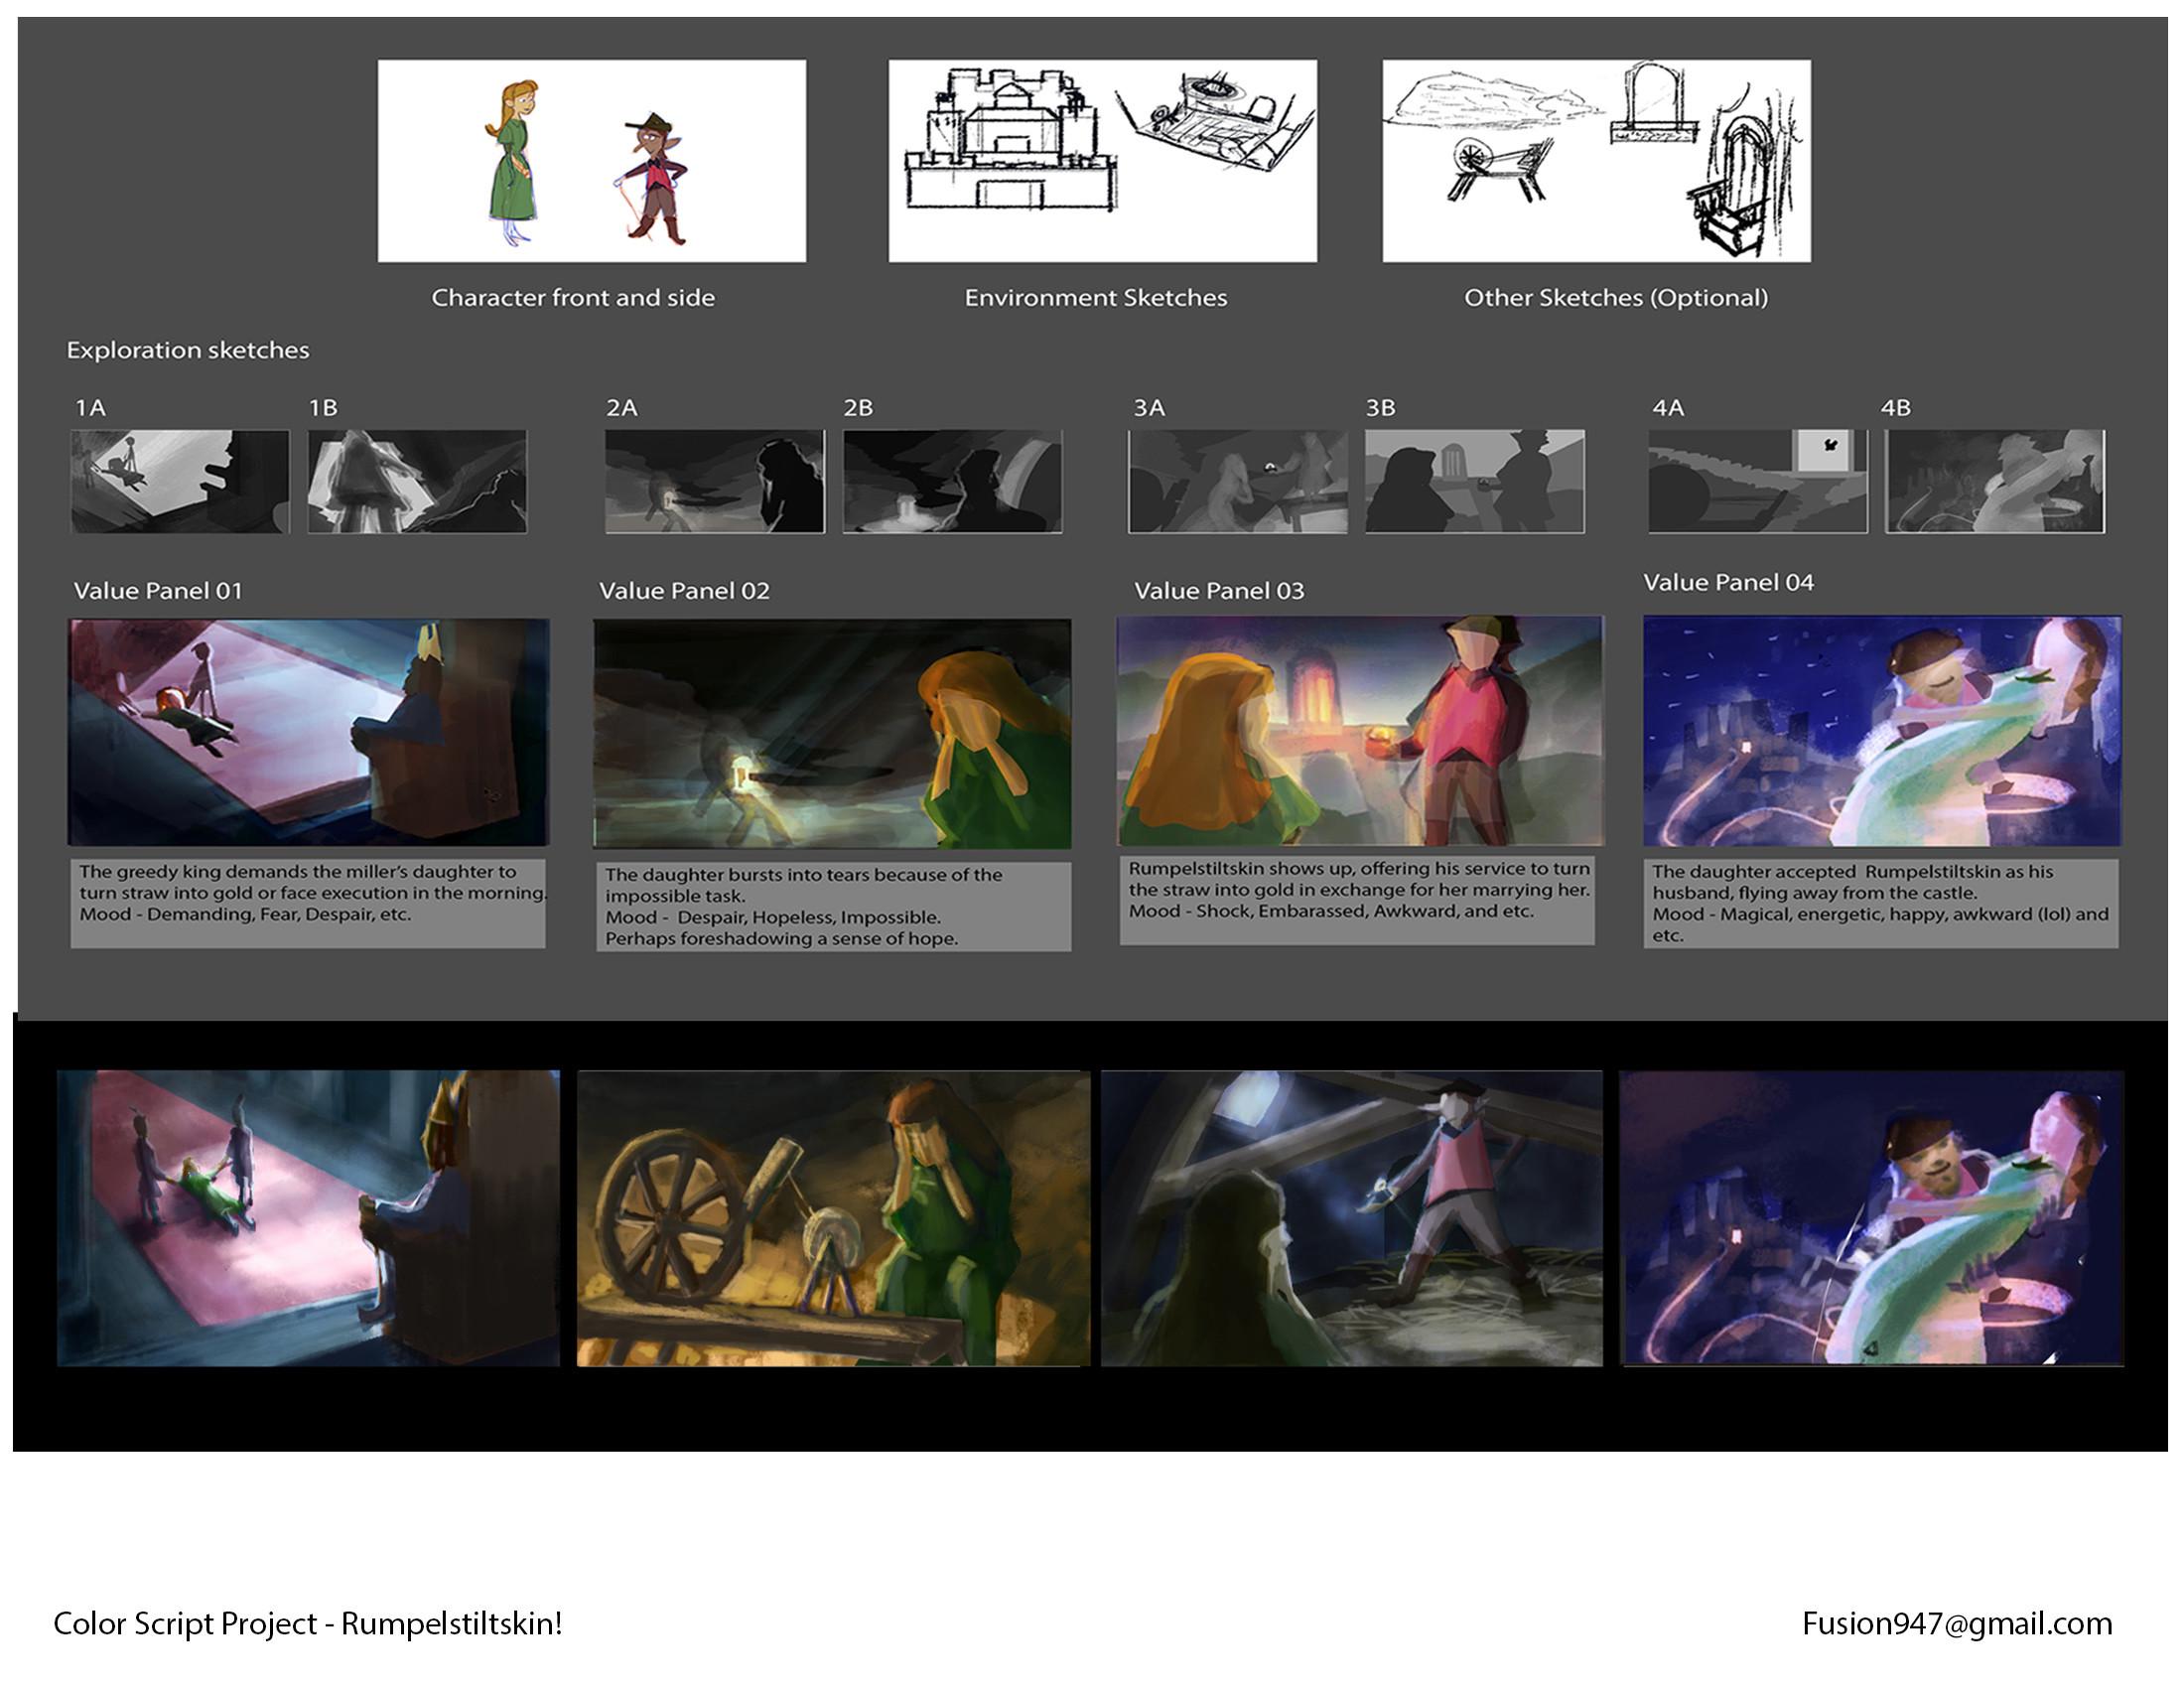 Color Script Project for Story of Rumpelstiltskin